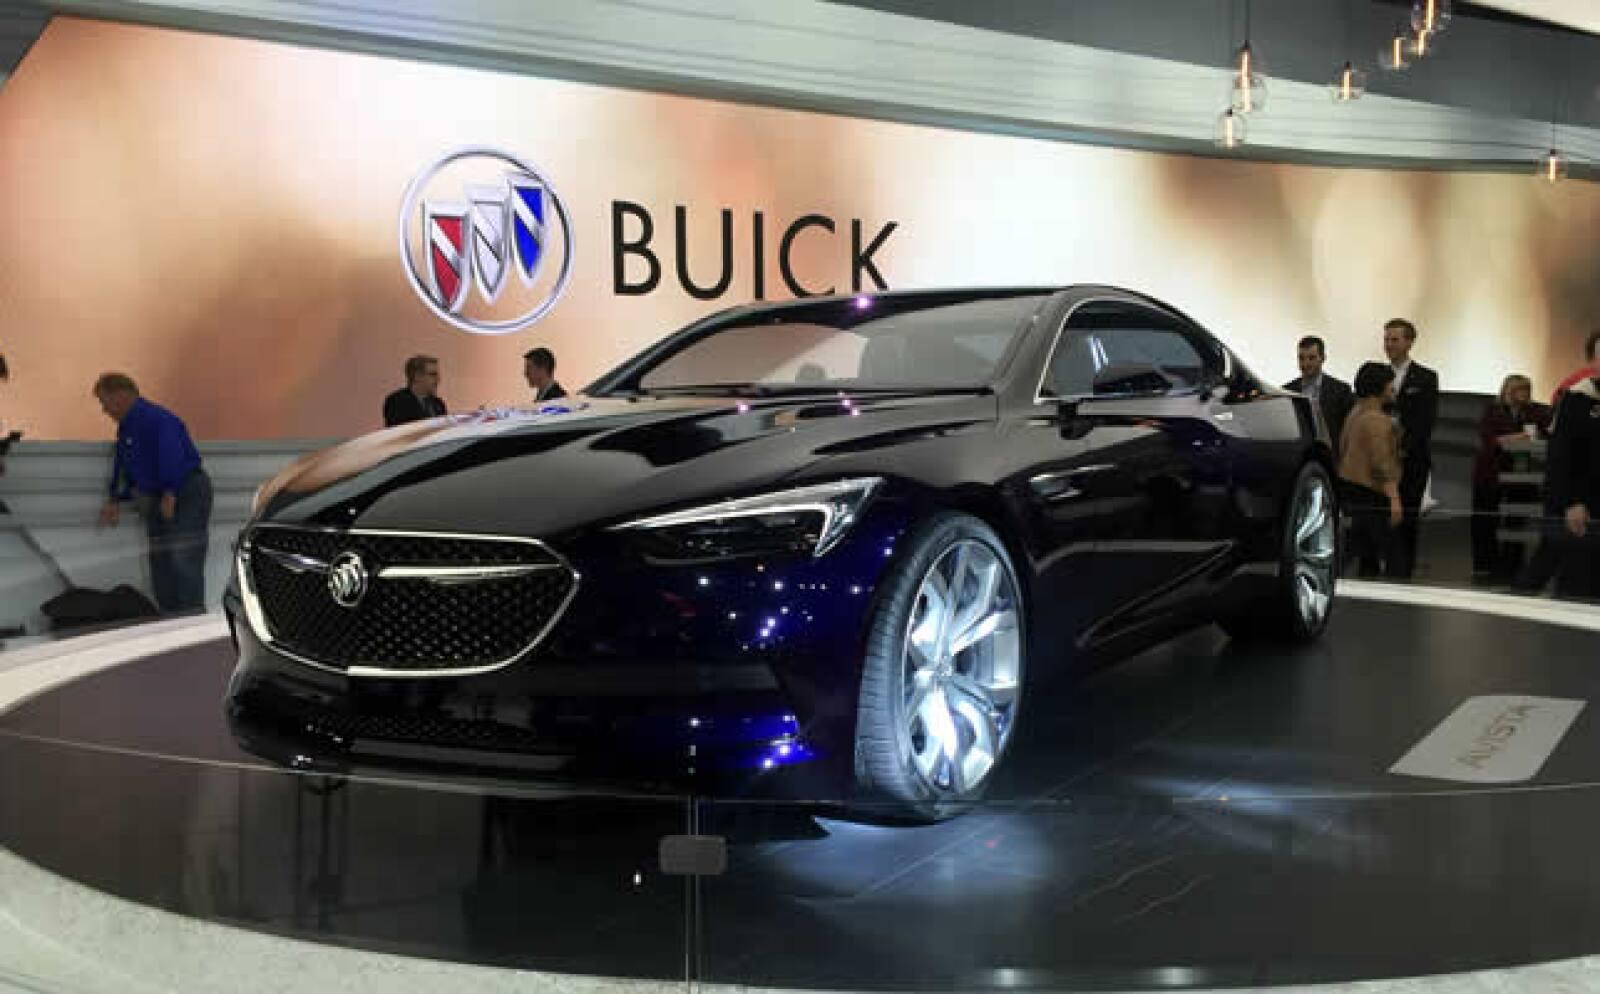 La nueva Avista de Buick tiene 400 caballos de fuerza.